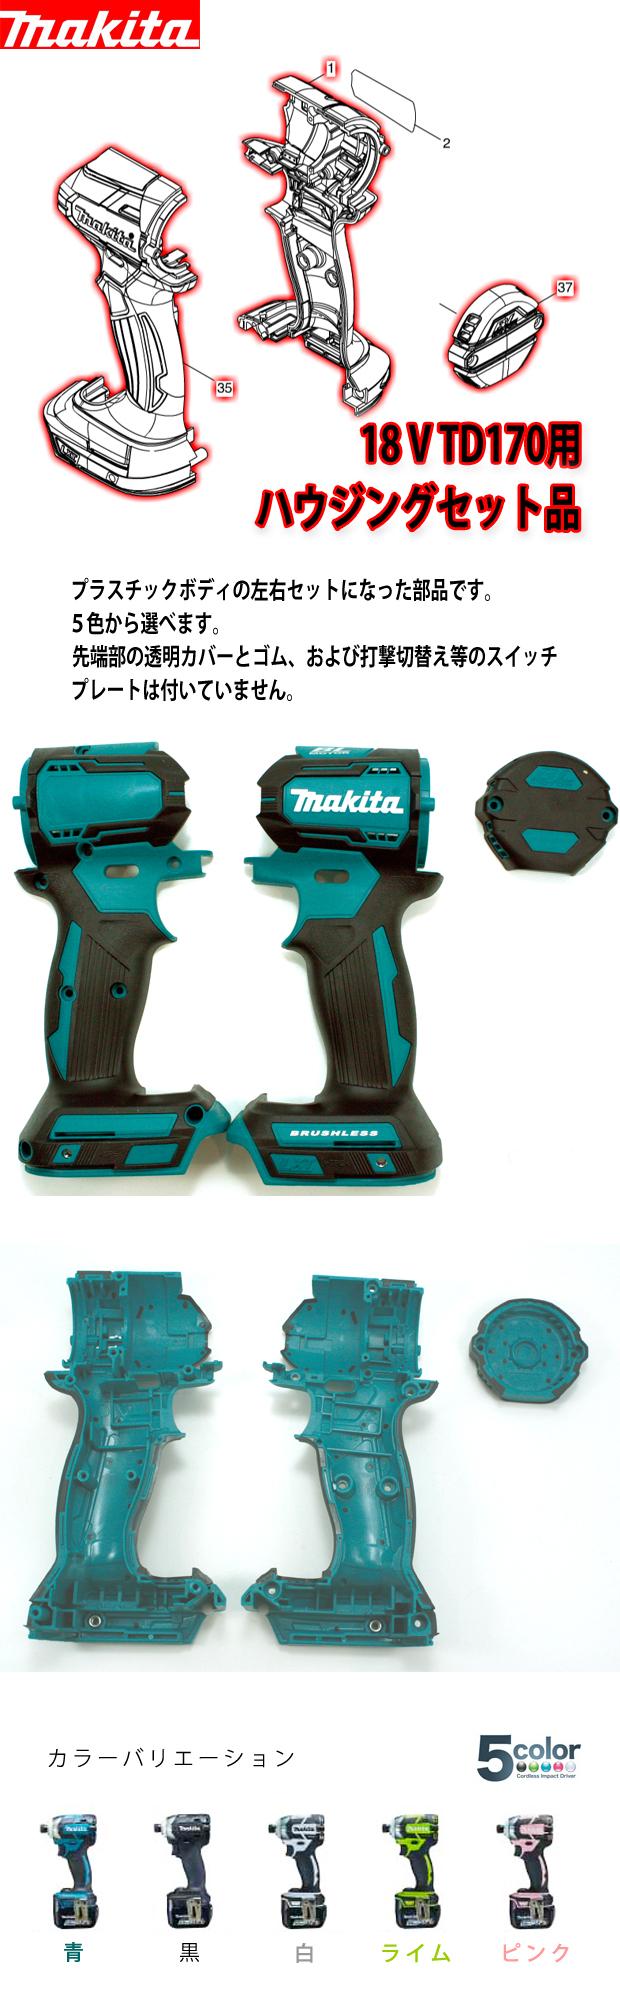 マキタ 18V TD170用ハウジング・リヤカバーセット品